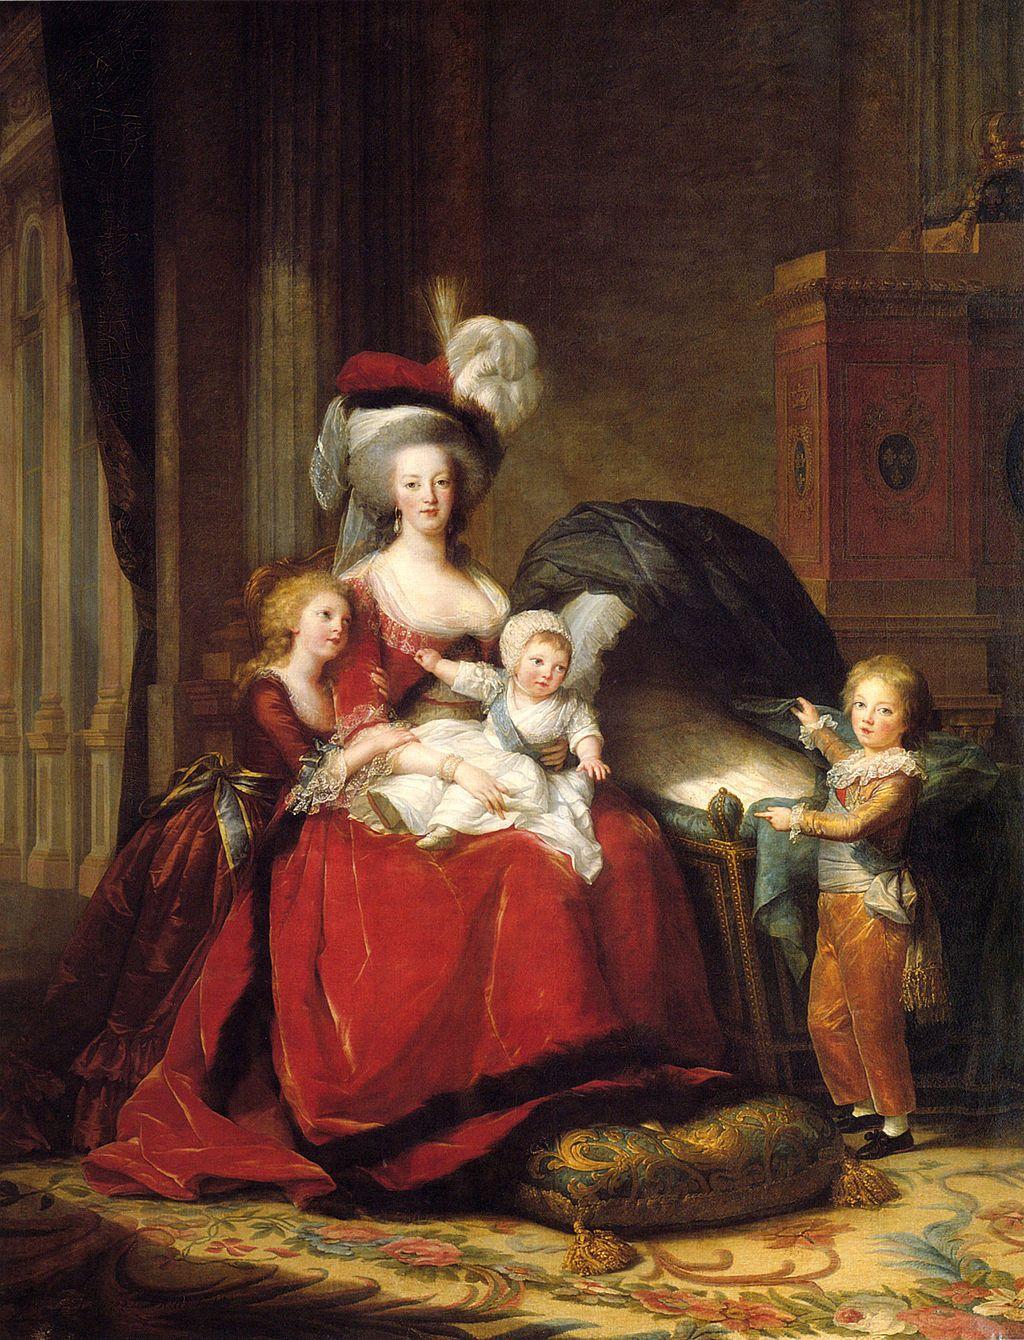 Marie Antoinette and her Children by Élisabeth Vigée-Lebrun - Louis XVI — Wikipédia